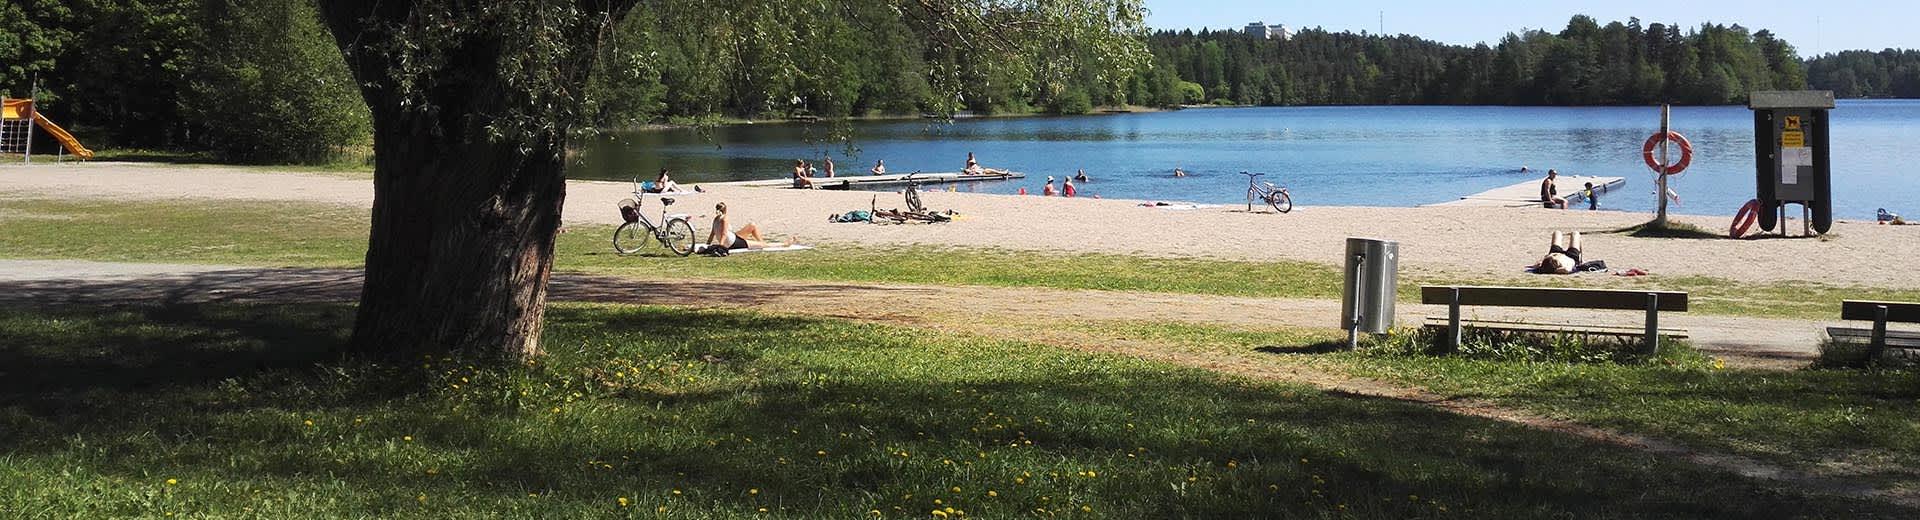 Joutjärven ranta, Lahti, Möysän uimaranta